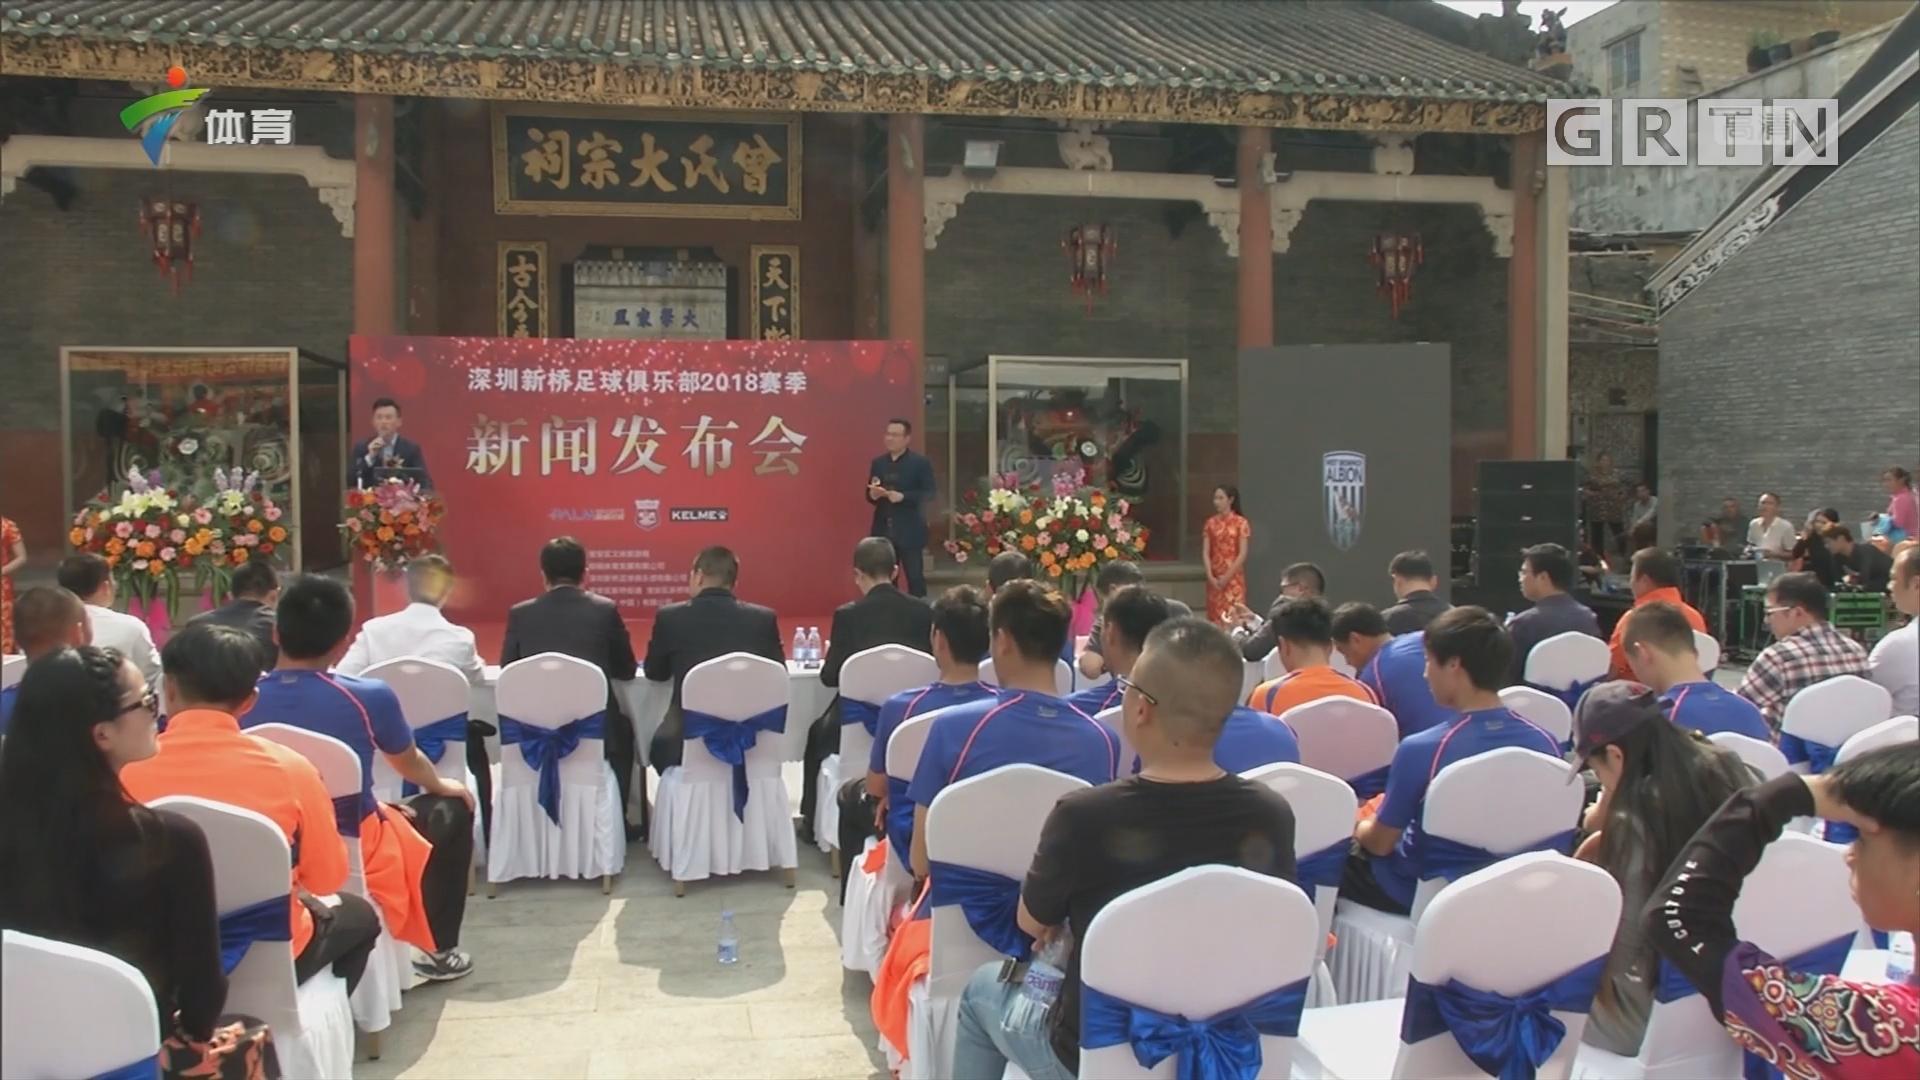 厉兵秣马 深圳新桥足球俱乐部新赛季正式启航